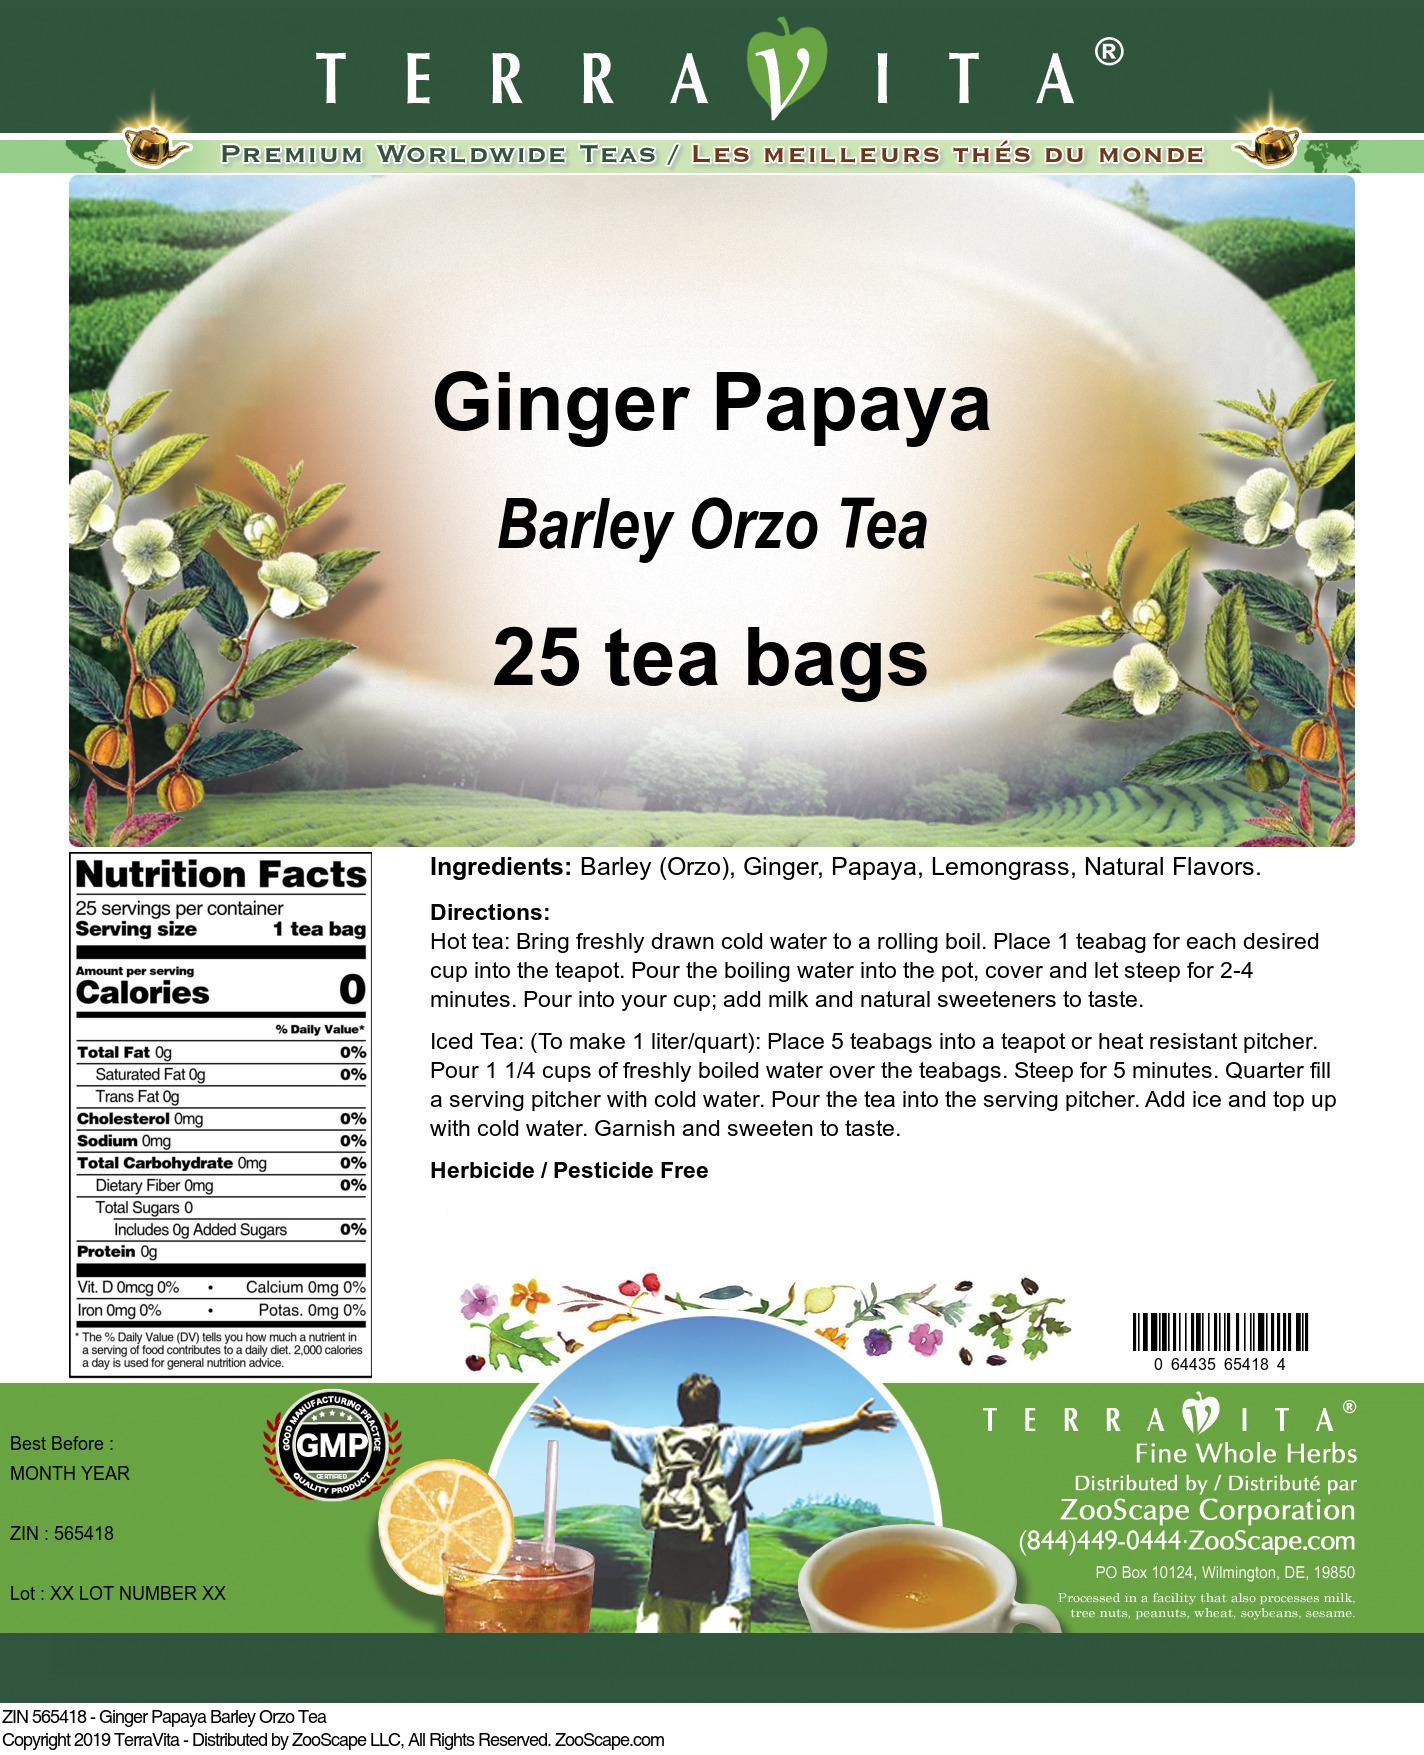 Ginger Papaya Barley Orzo